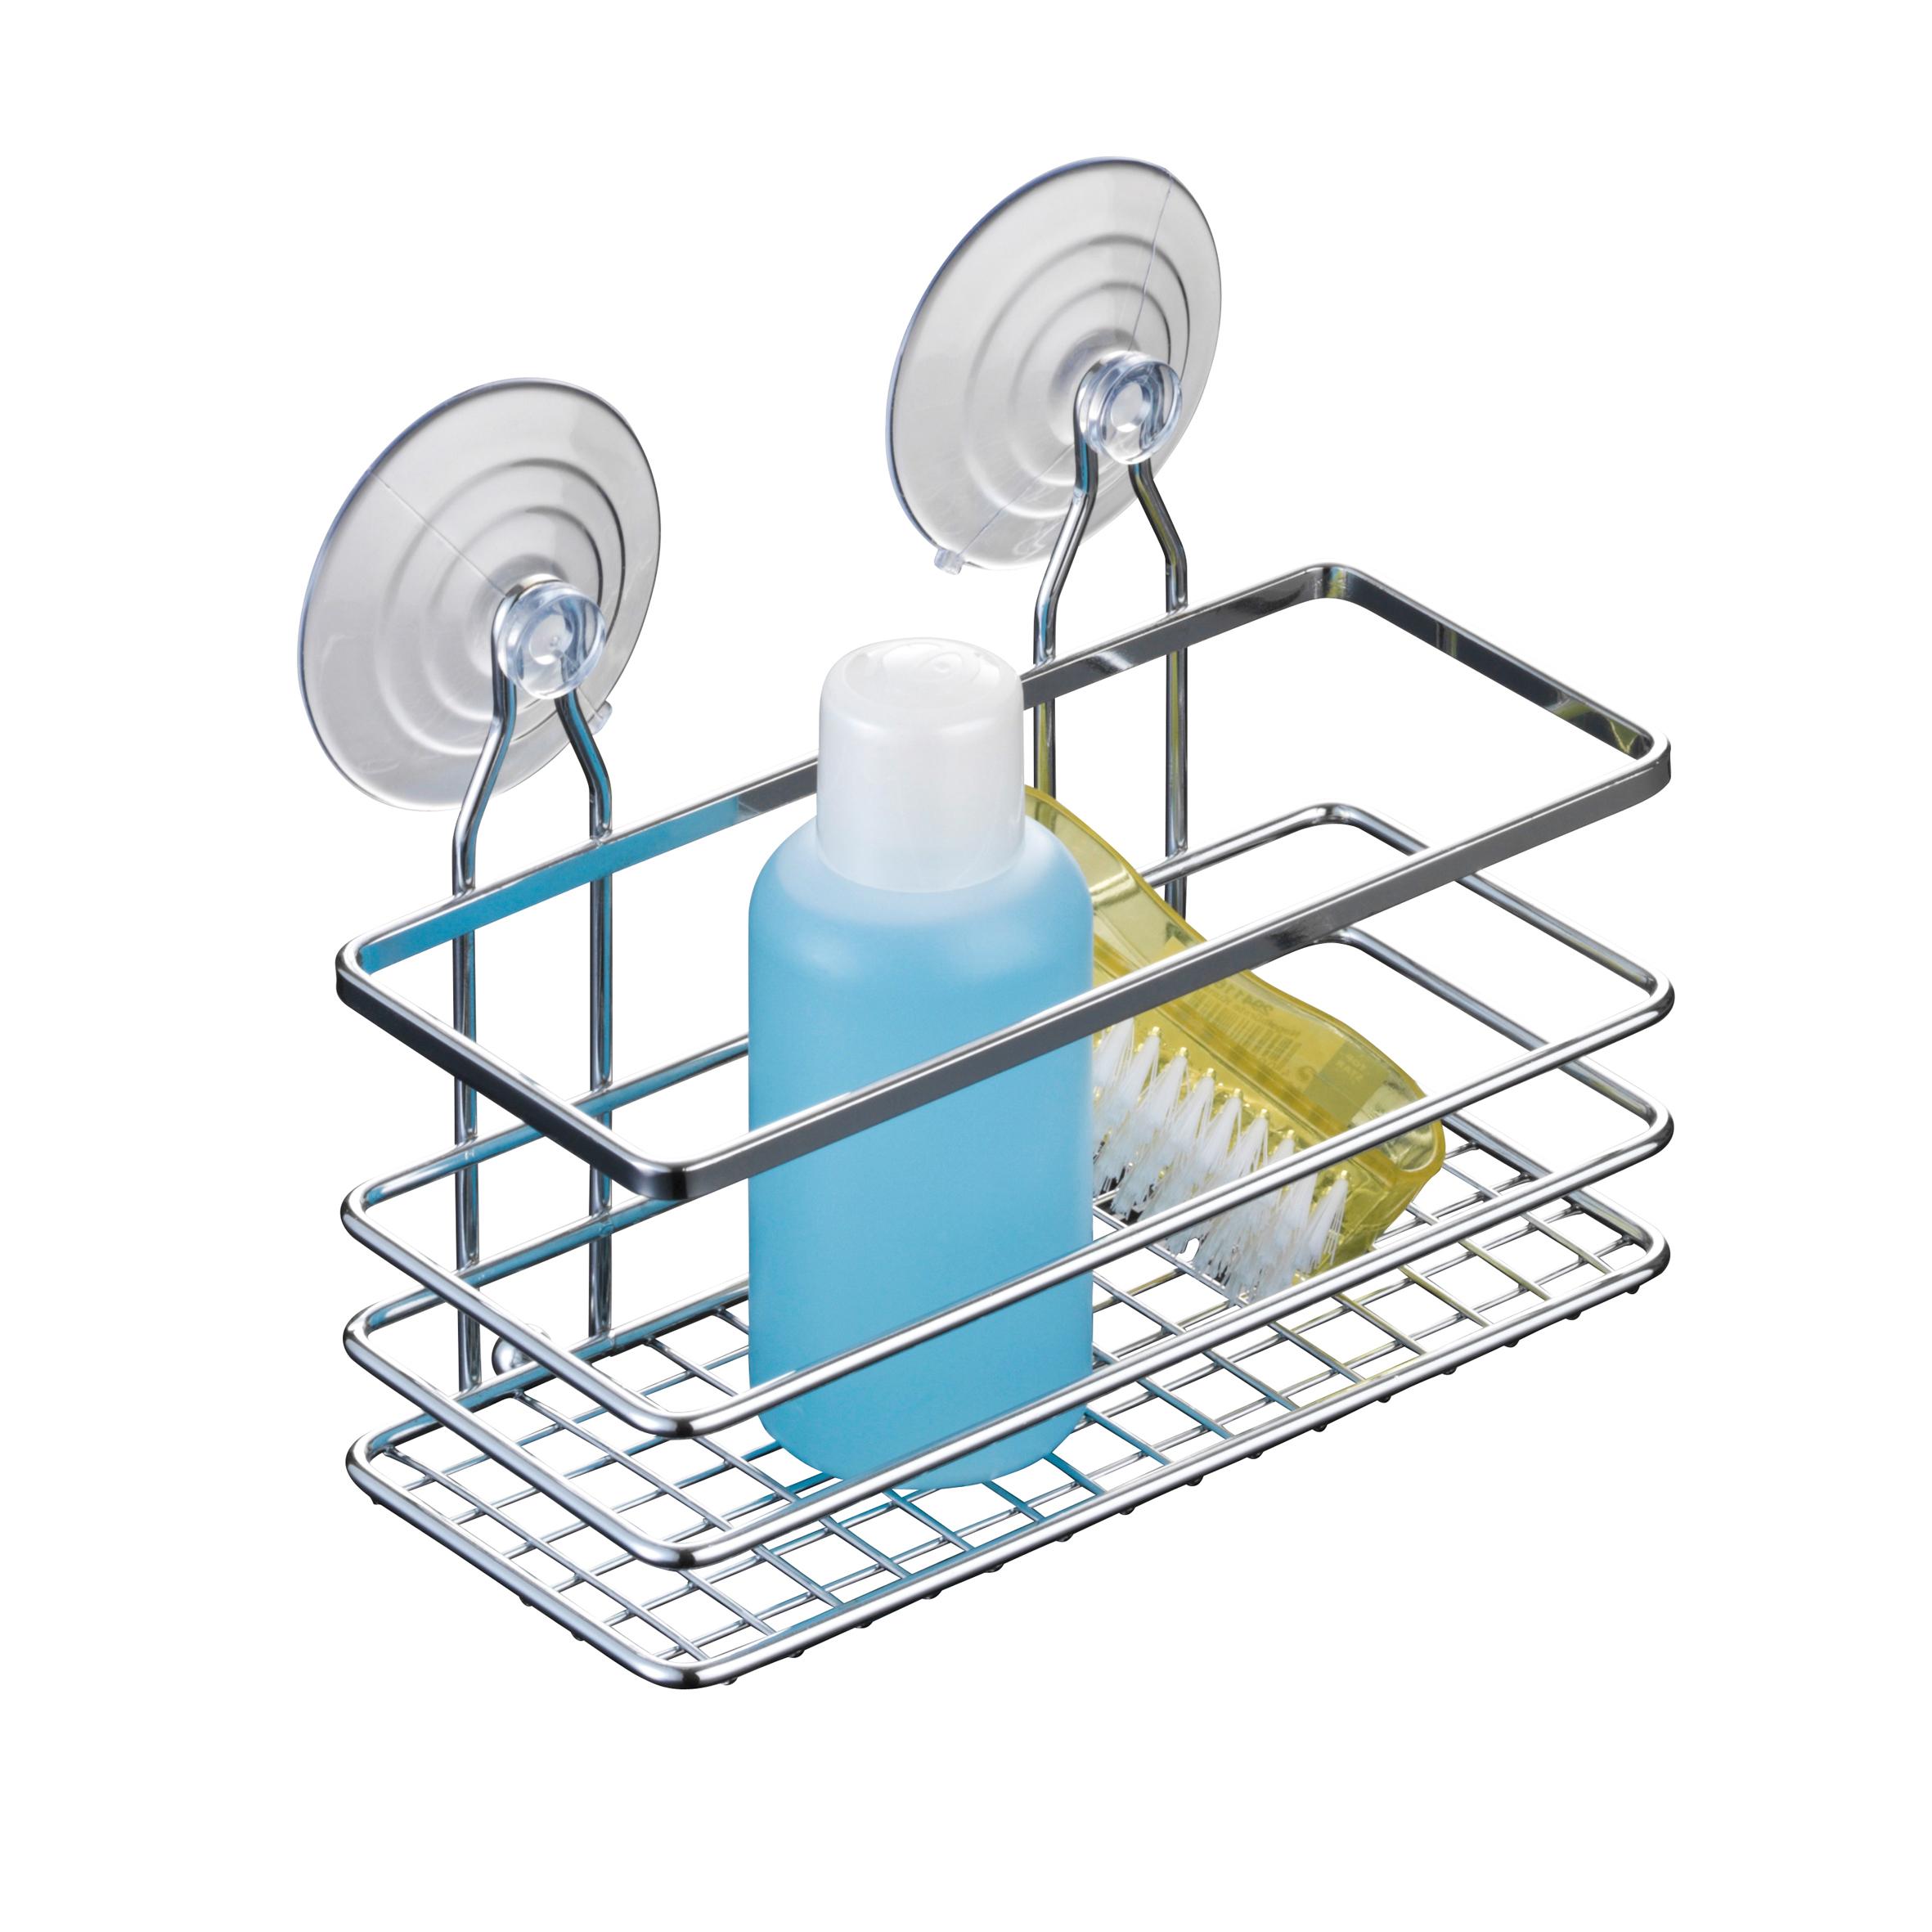 Полка для ванной Axentia Cassandra, прямая, одноярусная, цвет: хром, 19 х 8,5 х 13 см280865Полка для ванной Axentia Cassandra, настенная, одноярусная, изготовлена из стали с качественным хромированным покрытием, которое на долго защитит изделие от ржавчины в условиях высокой влажности в ванной комнате. Два вида крепления: на 2-х присосках или на шурупах, в комплекте.Размер: 19 х 8,5 х 13 см